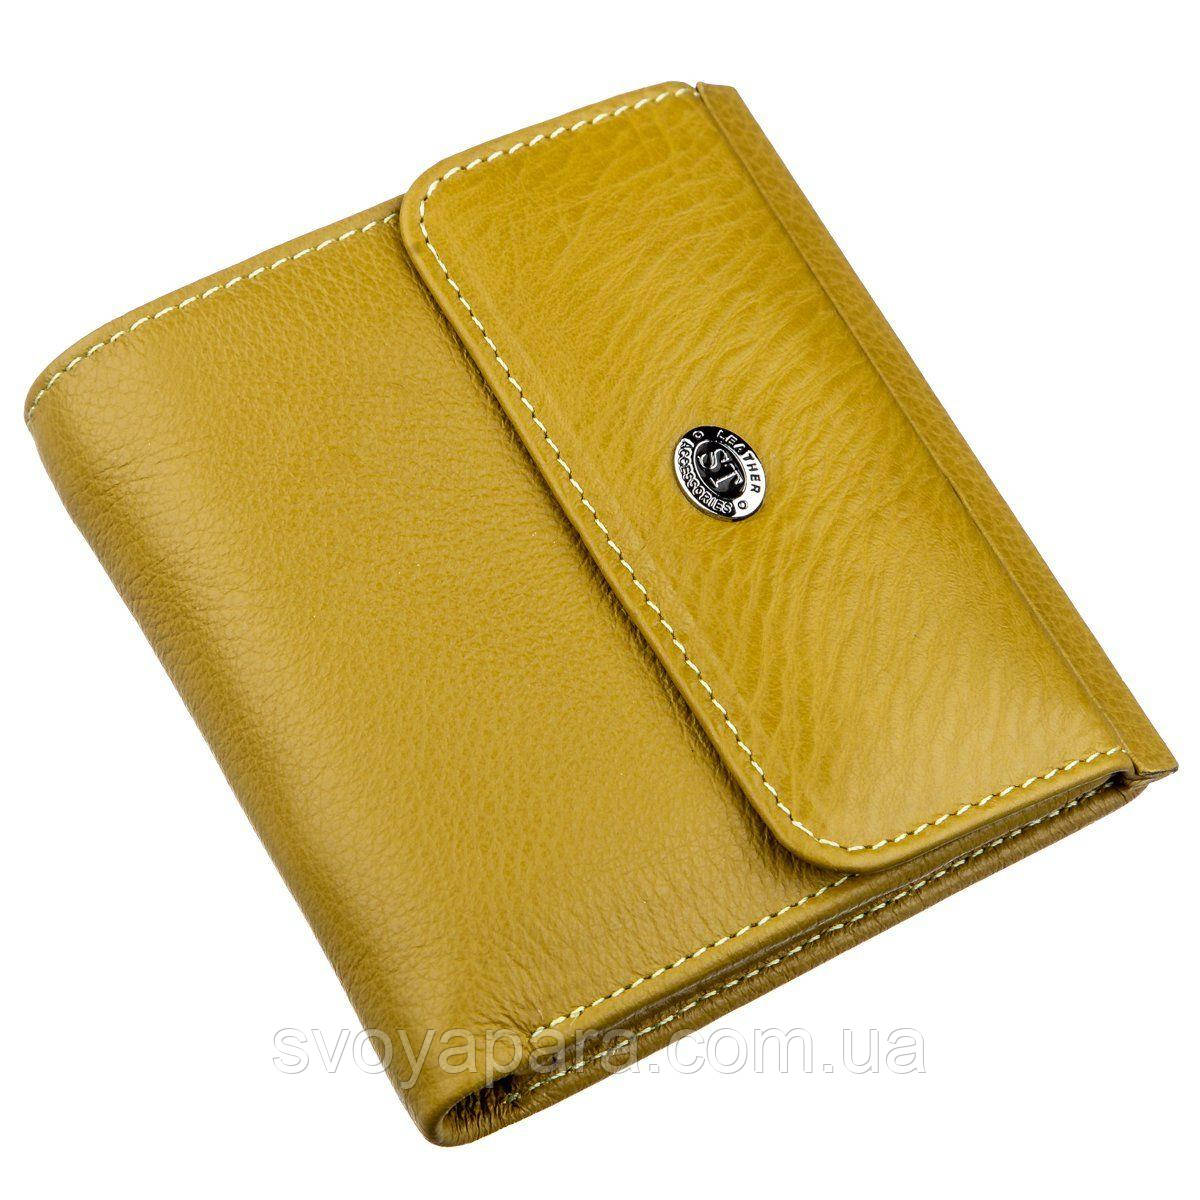 Оригинальный женский кошелек с монетницей ST Leather 18922 Горчичный